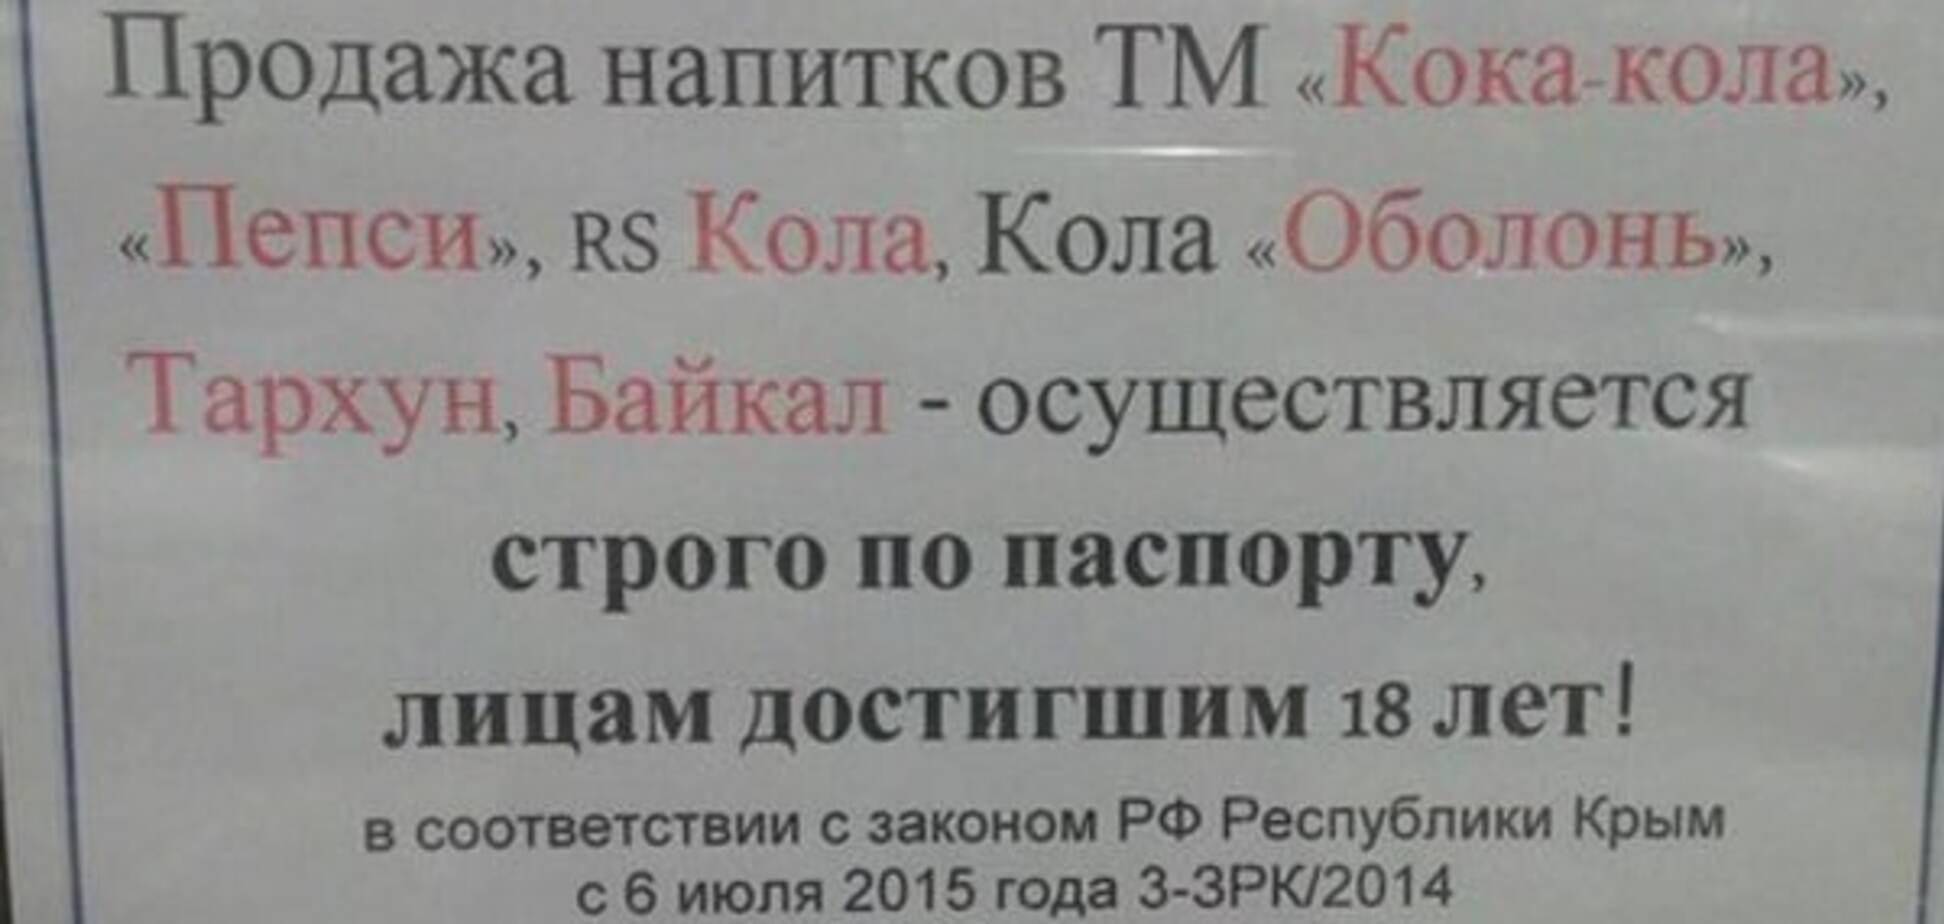 Паспорт і 18 років: у Криму продають 'напої Держдепу' за новими правилами